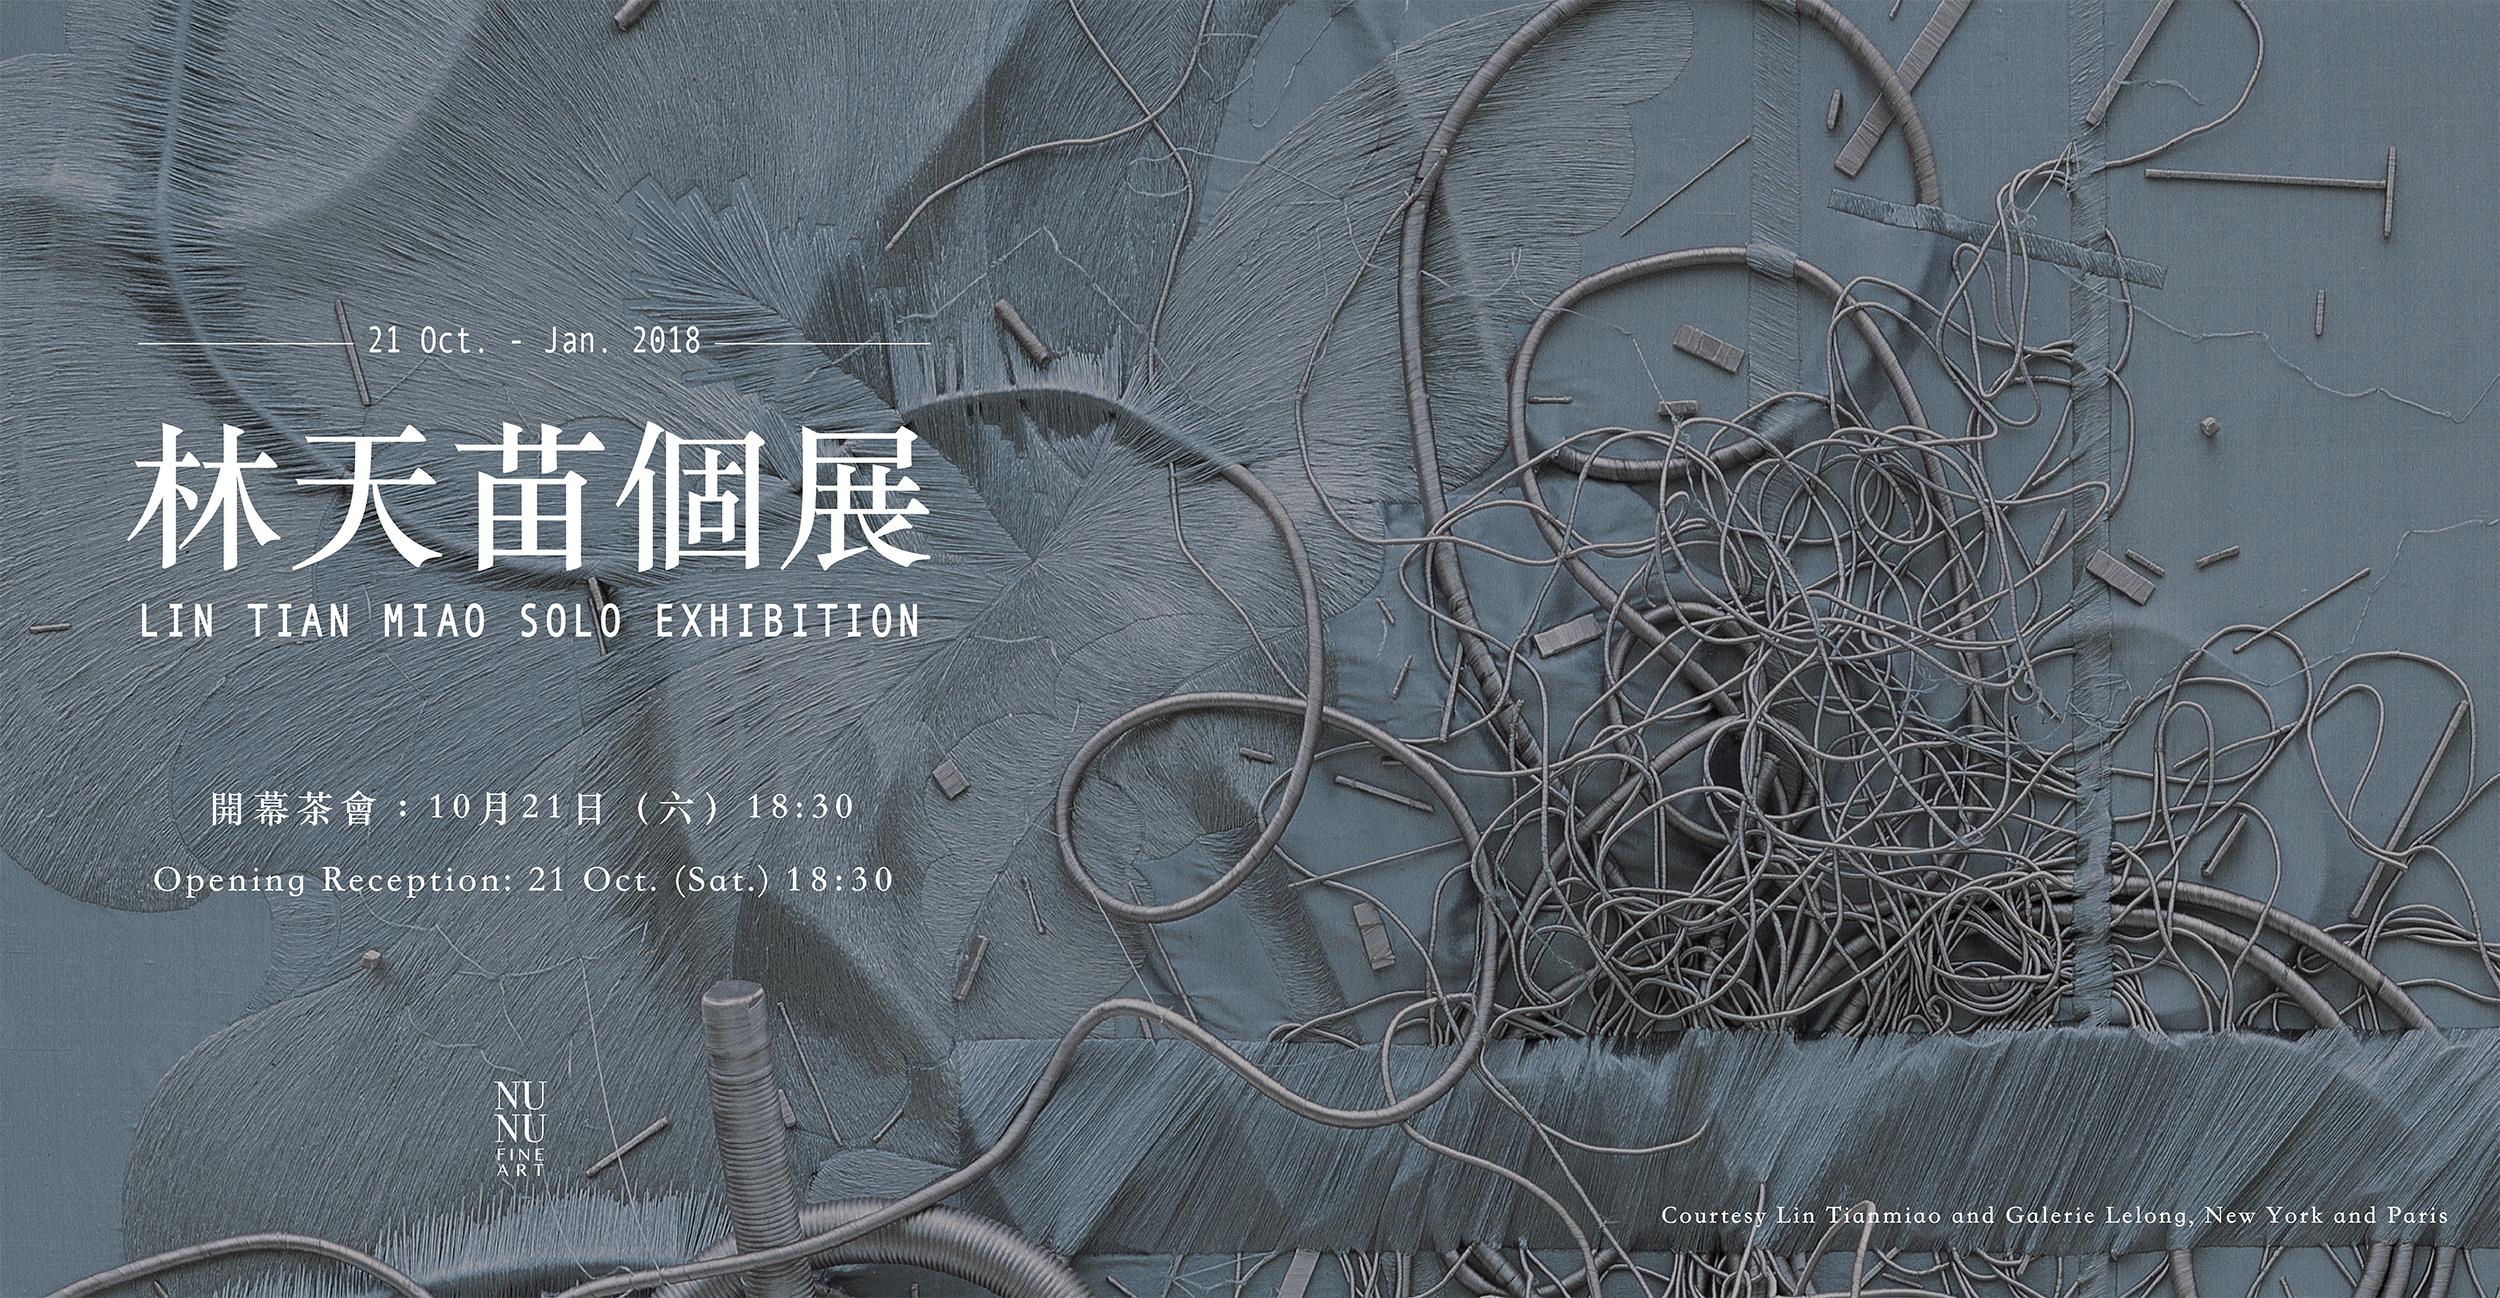 2017/10/21 - 2018/1 林天苗個展 Lin Tianmiao Solo Exhibition